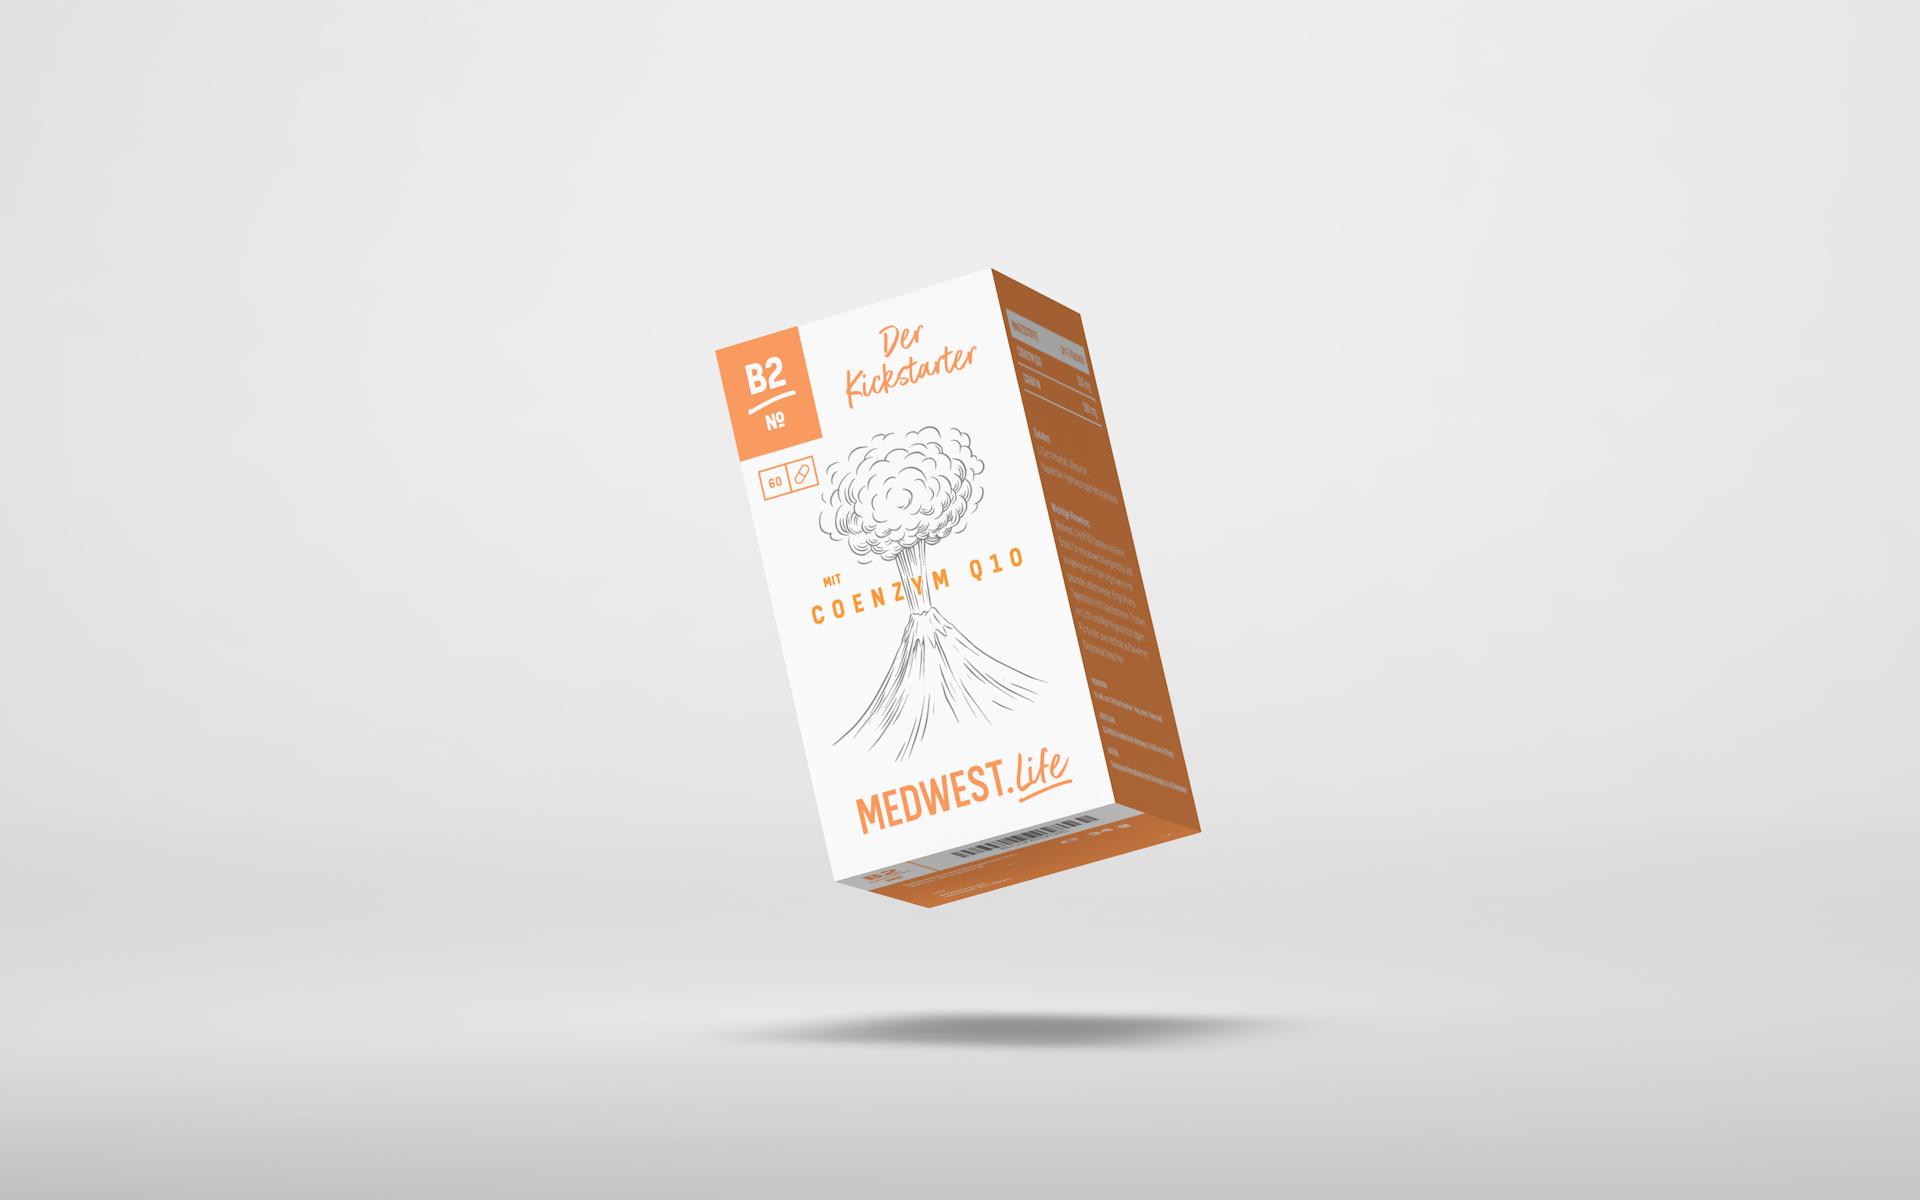 № B2 –  Der Kickstarter mit Coenzym Q10